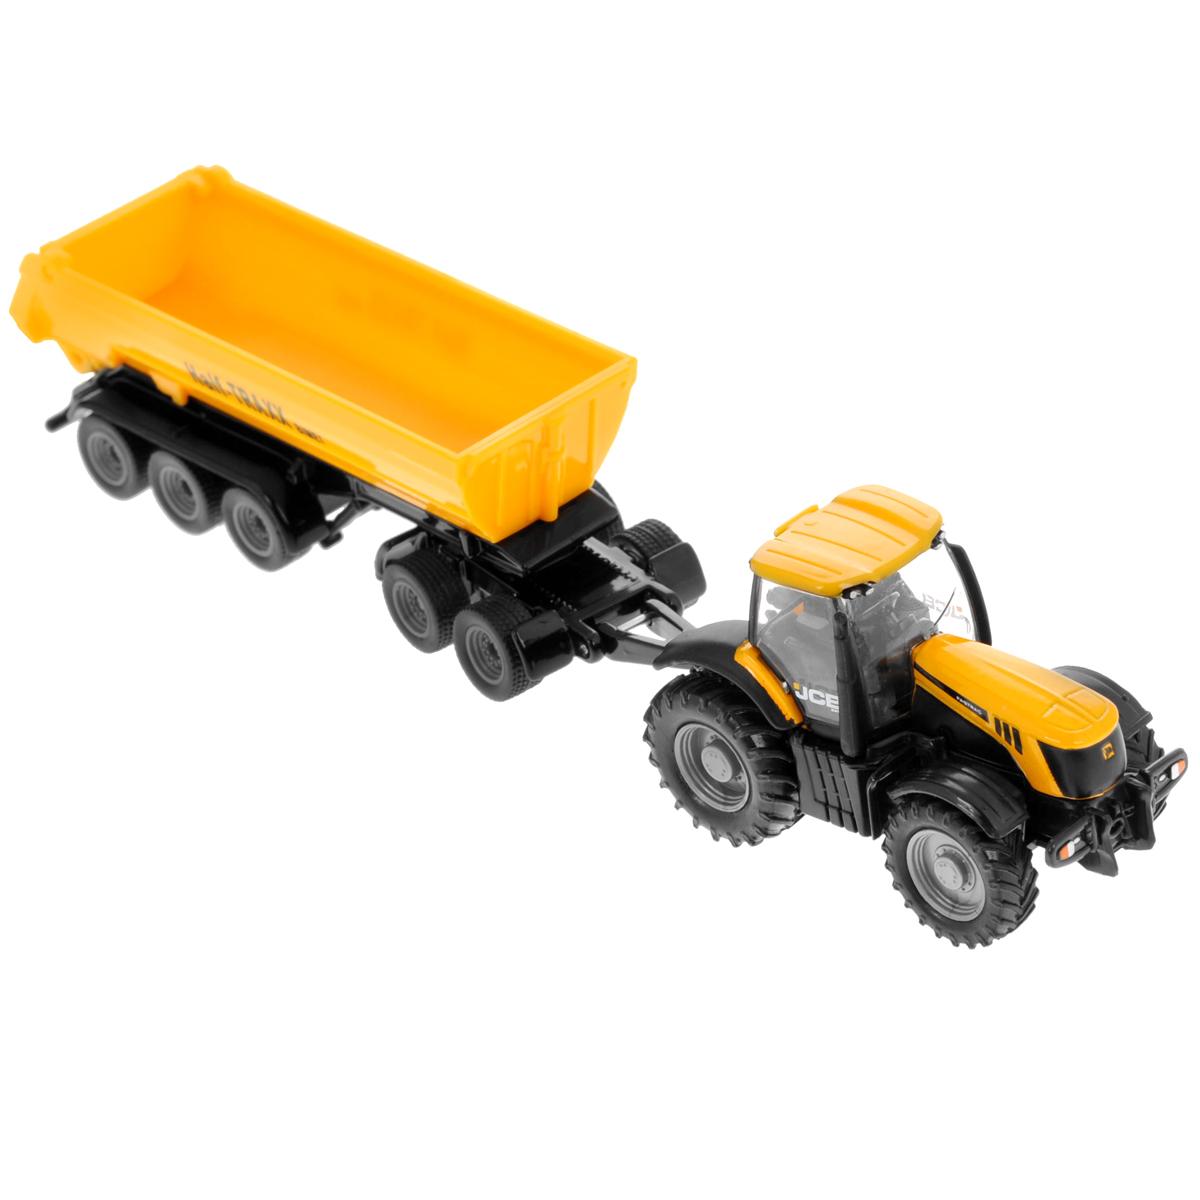 """Коллекционная модель Siku """"Трактор с прицепом-кузовом"""" выполнена в виде точной копии трактора с прицепом в масштабе 1/87. Такая модель понравится не только ребенку, но и взрослому коллекционеру и приятно удивит вас высочайшим качеством исполнения. Корпус трактора и шасси прицепов выполнены из металла, кузов прицепа и кабина трактора из пластика, а стекла кабины трактора из прозрачного пластика. Прицеп кузова прицепляется к трактору с помощью дополнительного прицепа с седельным сцепным устройством. Кабина трактора снимается. Кузов прицепа опрокидывается для выгрузки, задний борт прицепа открывается. Колесики модели вращаются. Коллекционная модель отличается великолепным качеством исполнения и детальной проработкой, она станет не только интересной игрушкой для ребенка, интересующегося агротехникой, но и займет достойное место в коллекции."""